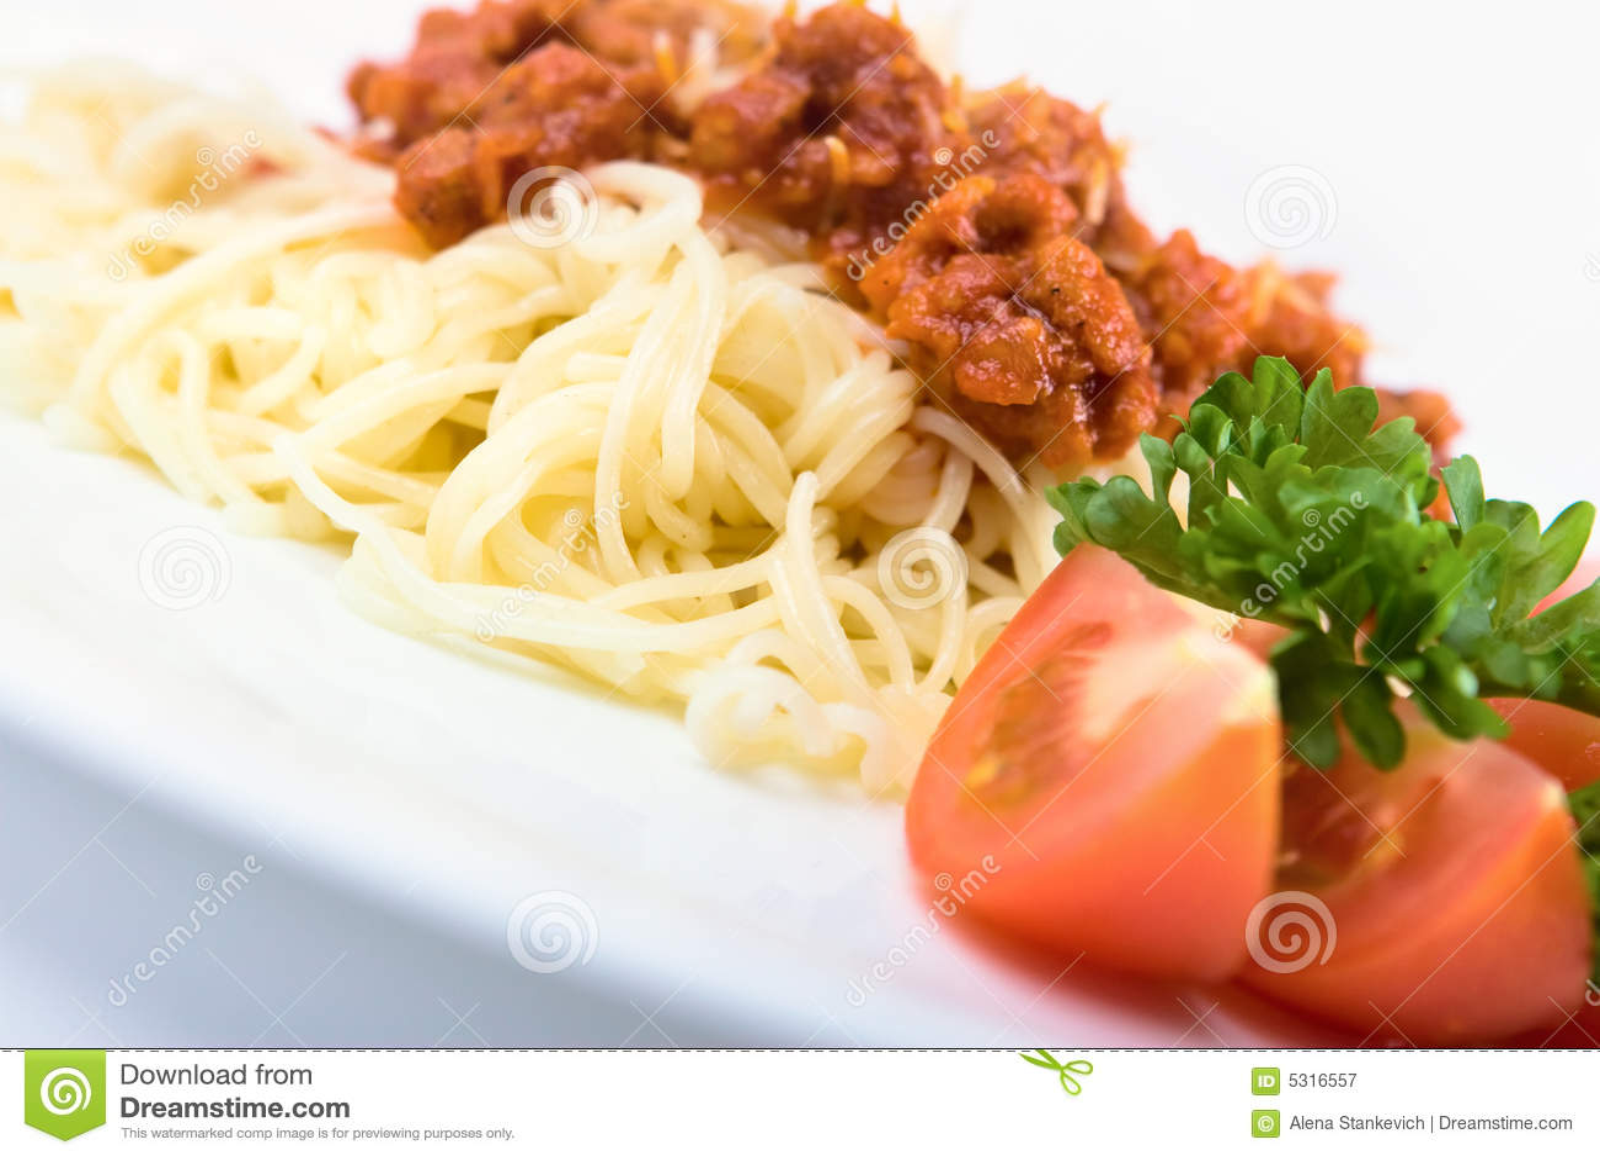 Download Pasta italiana immagine stock. Immagine di immagine, pranzo - 5316557